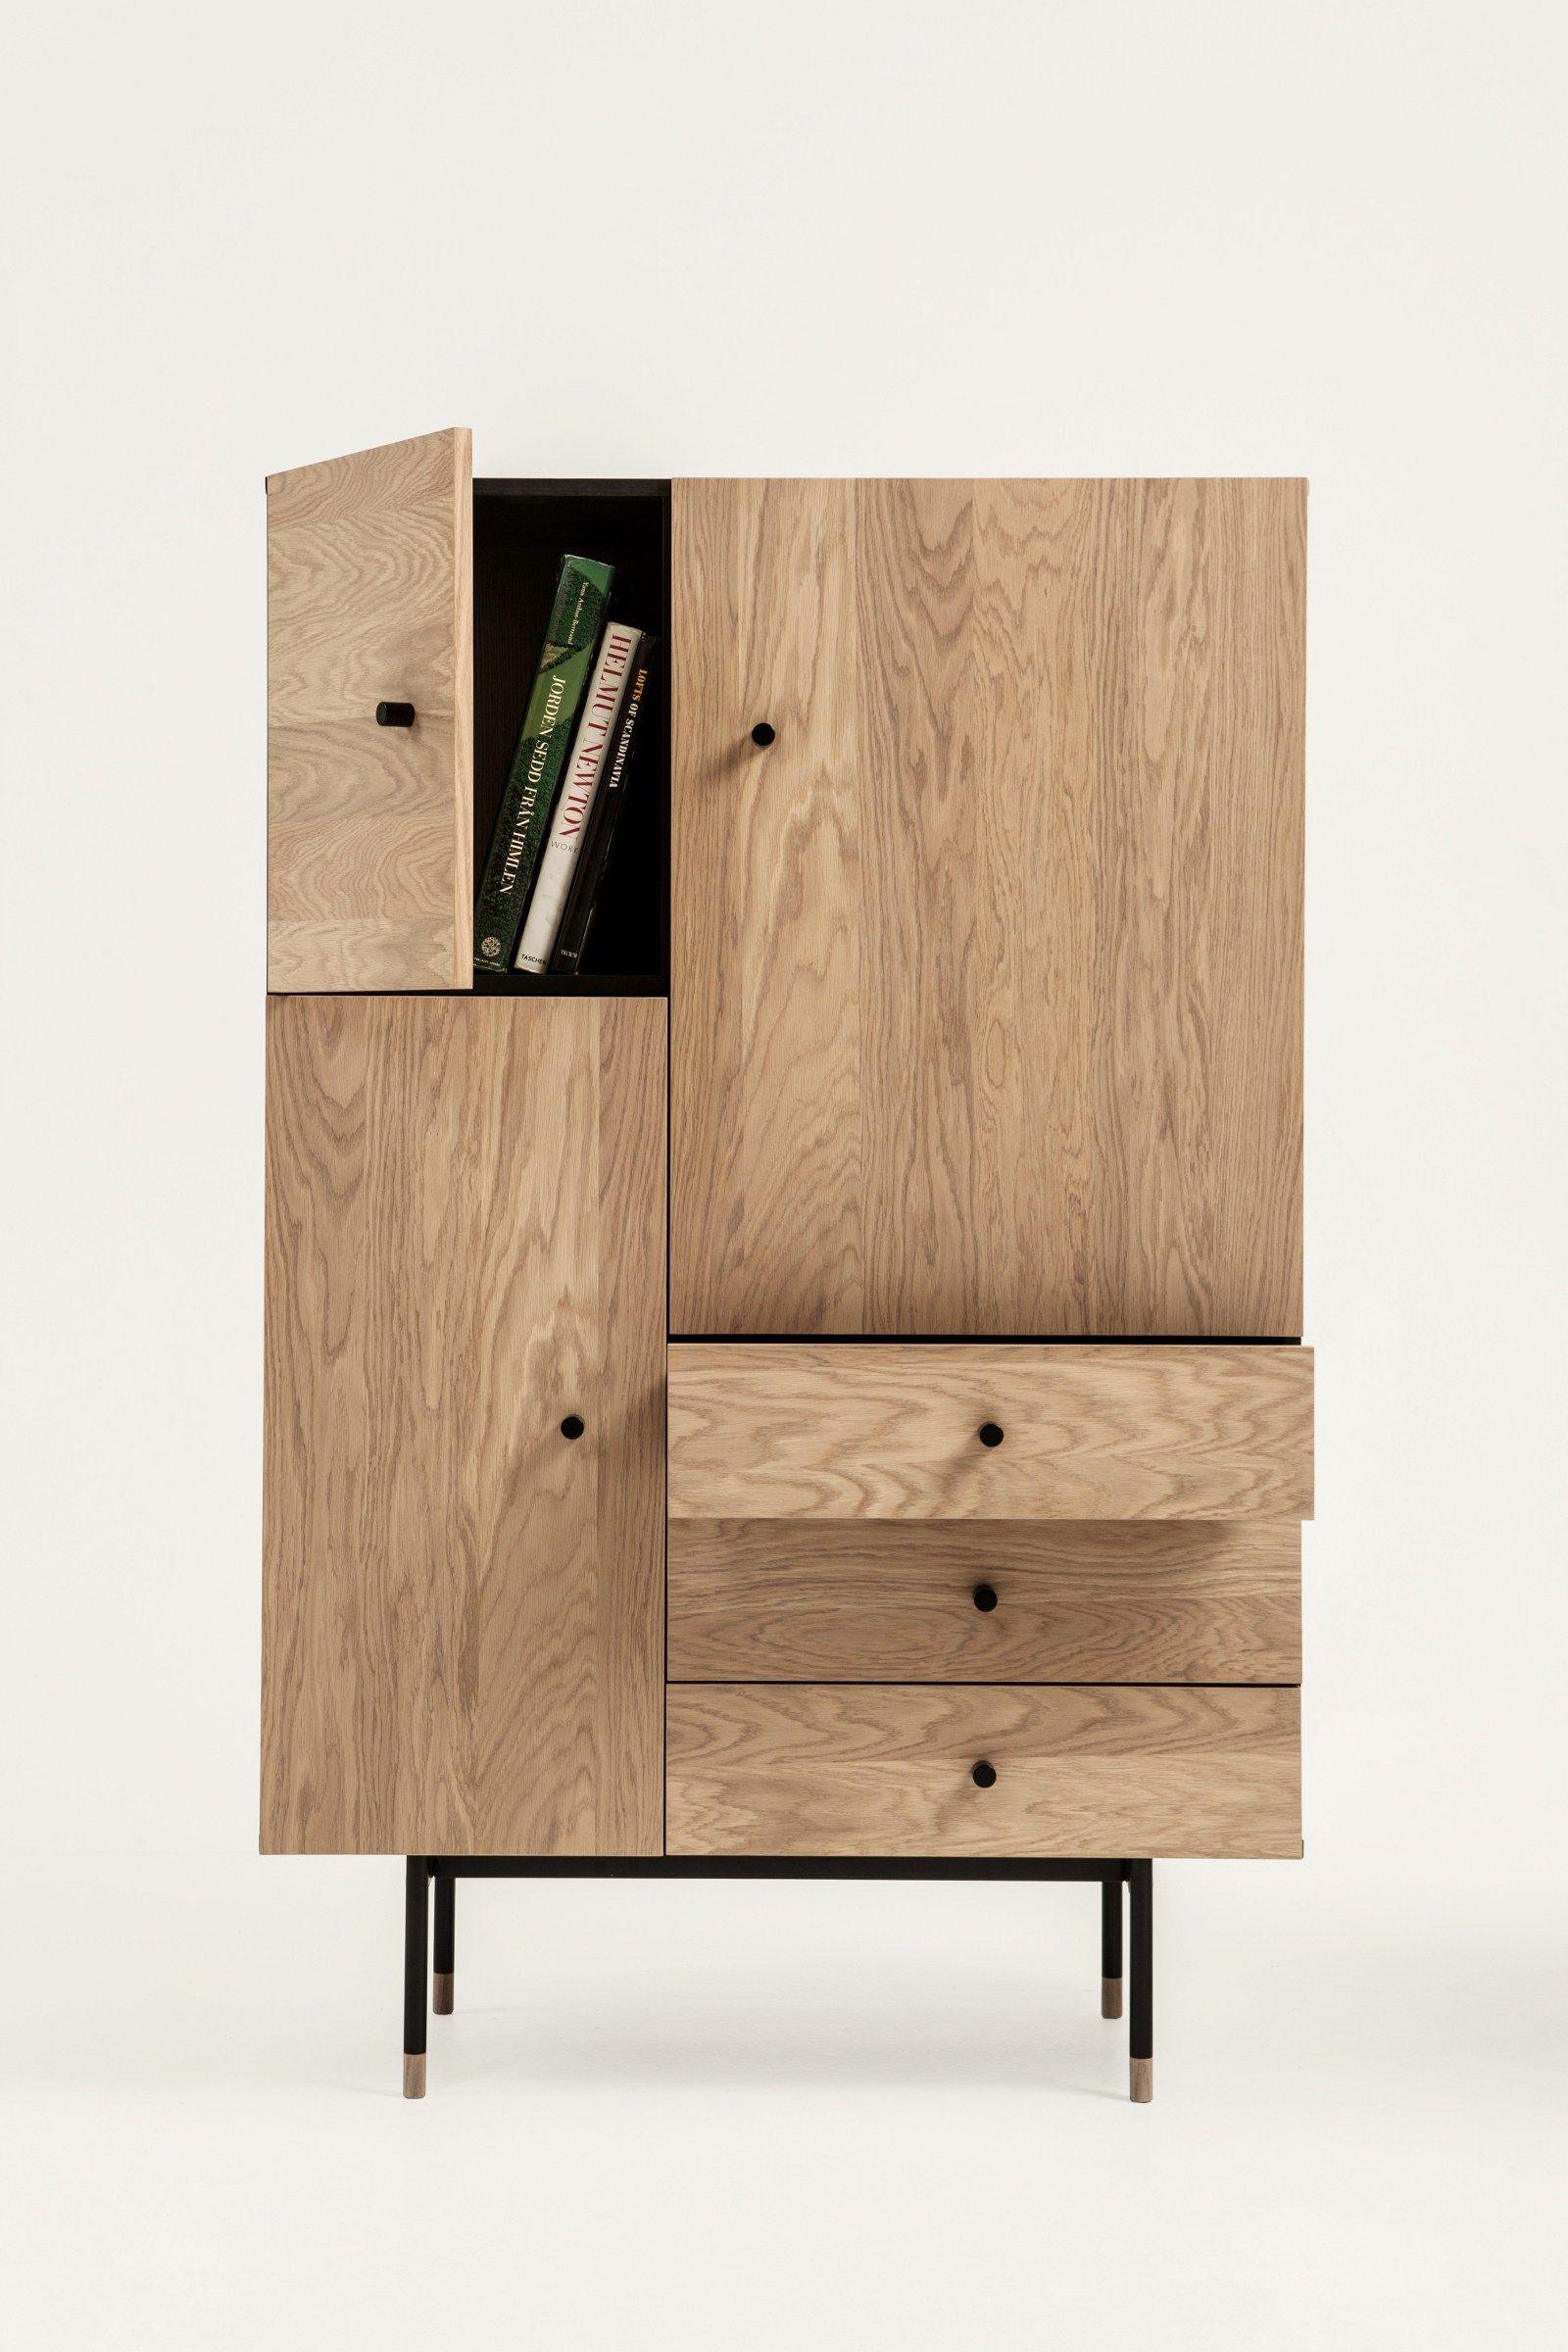 Wood veneer highboard with drawers JUGEND Highboard - Woodman